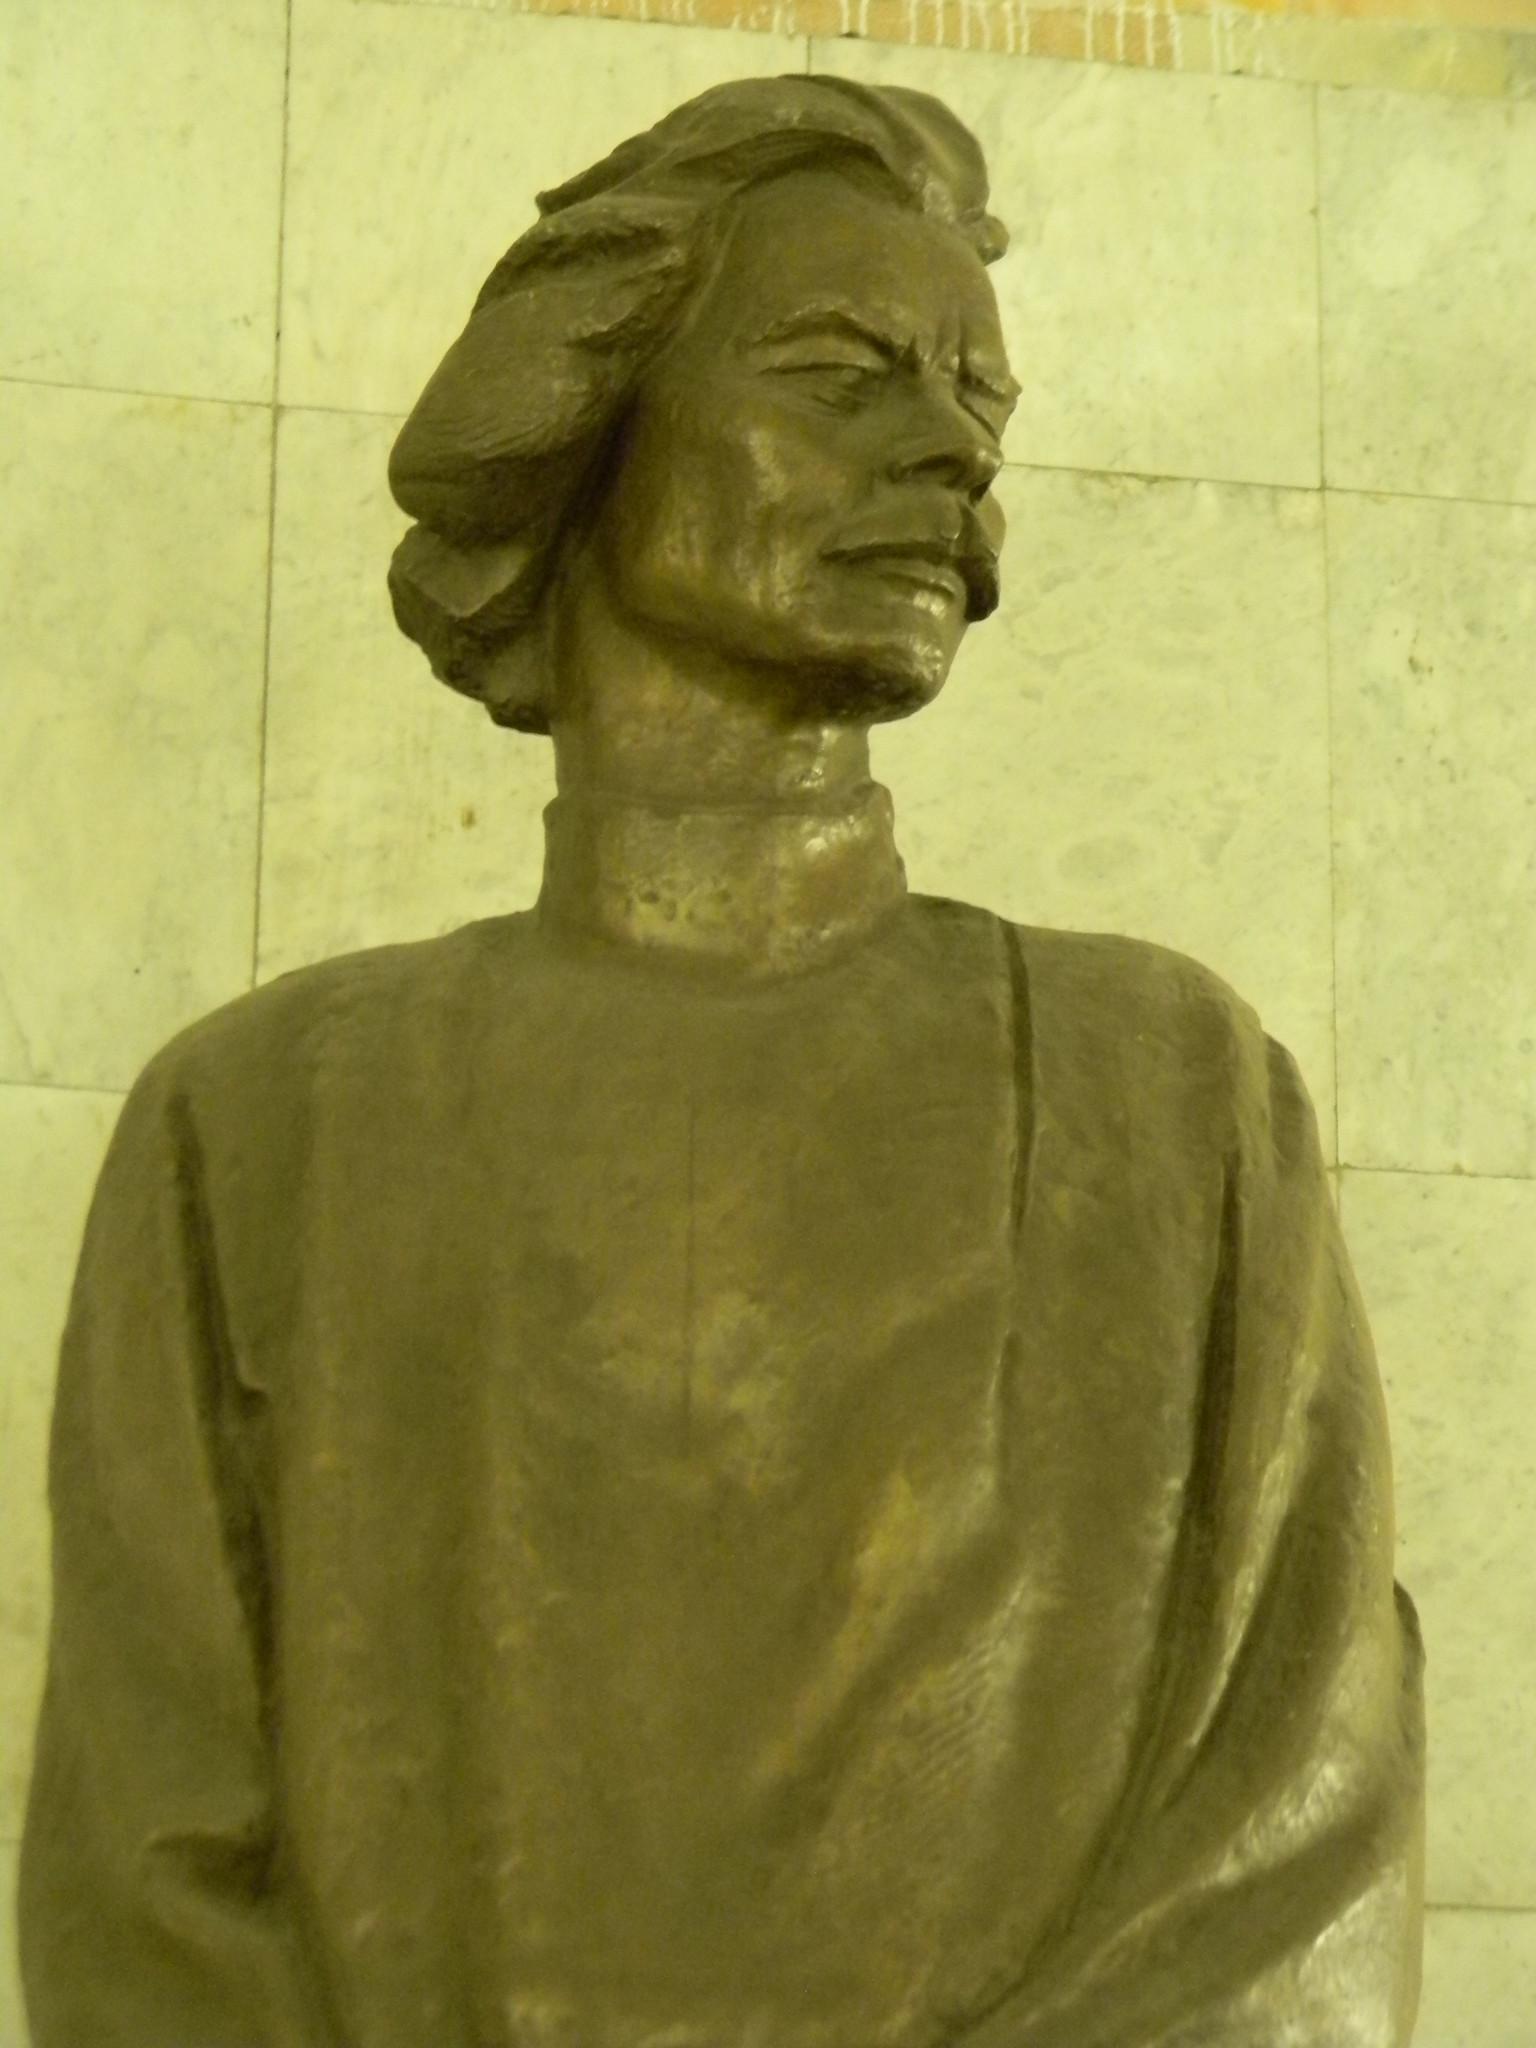 Памятник Максиму Горькому работы В.М. Клыкова стоит в переходе между станцией «Тверская» и станцией «Чеховская»